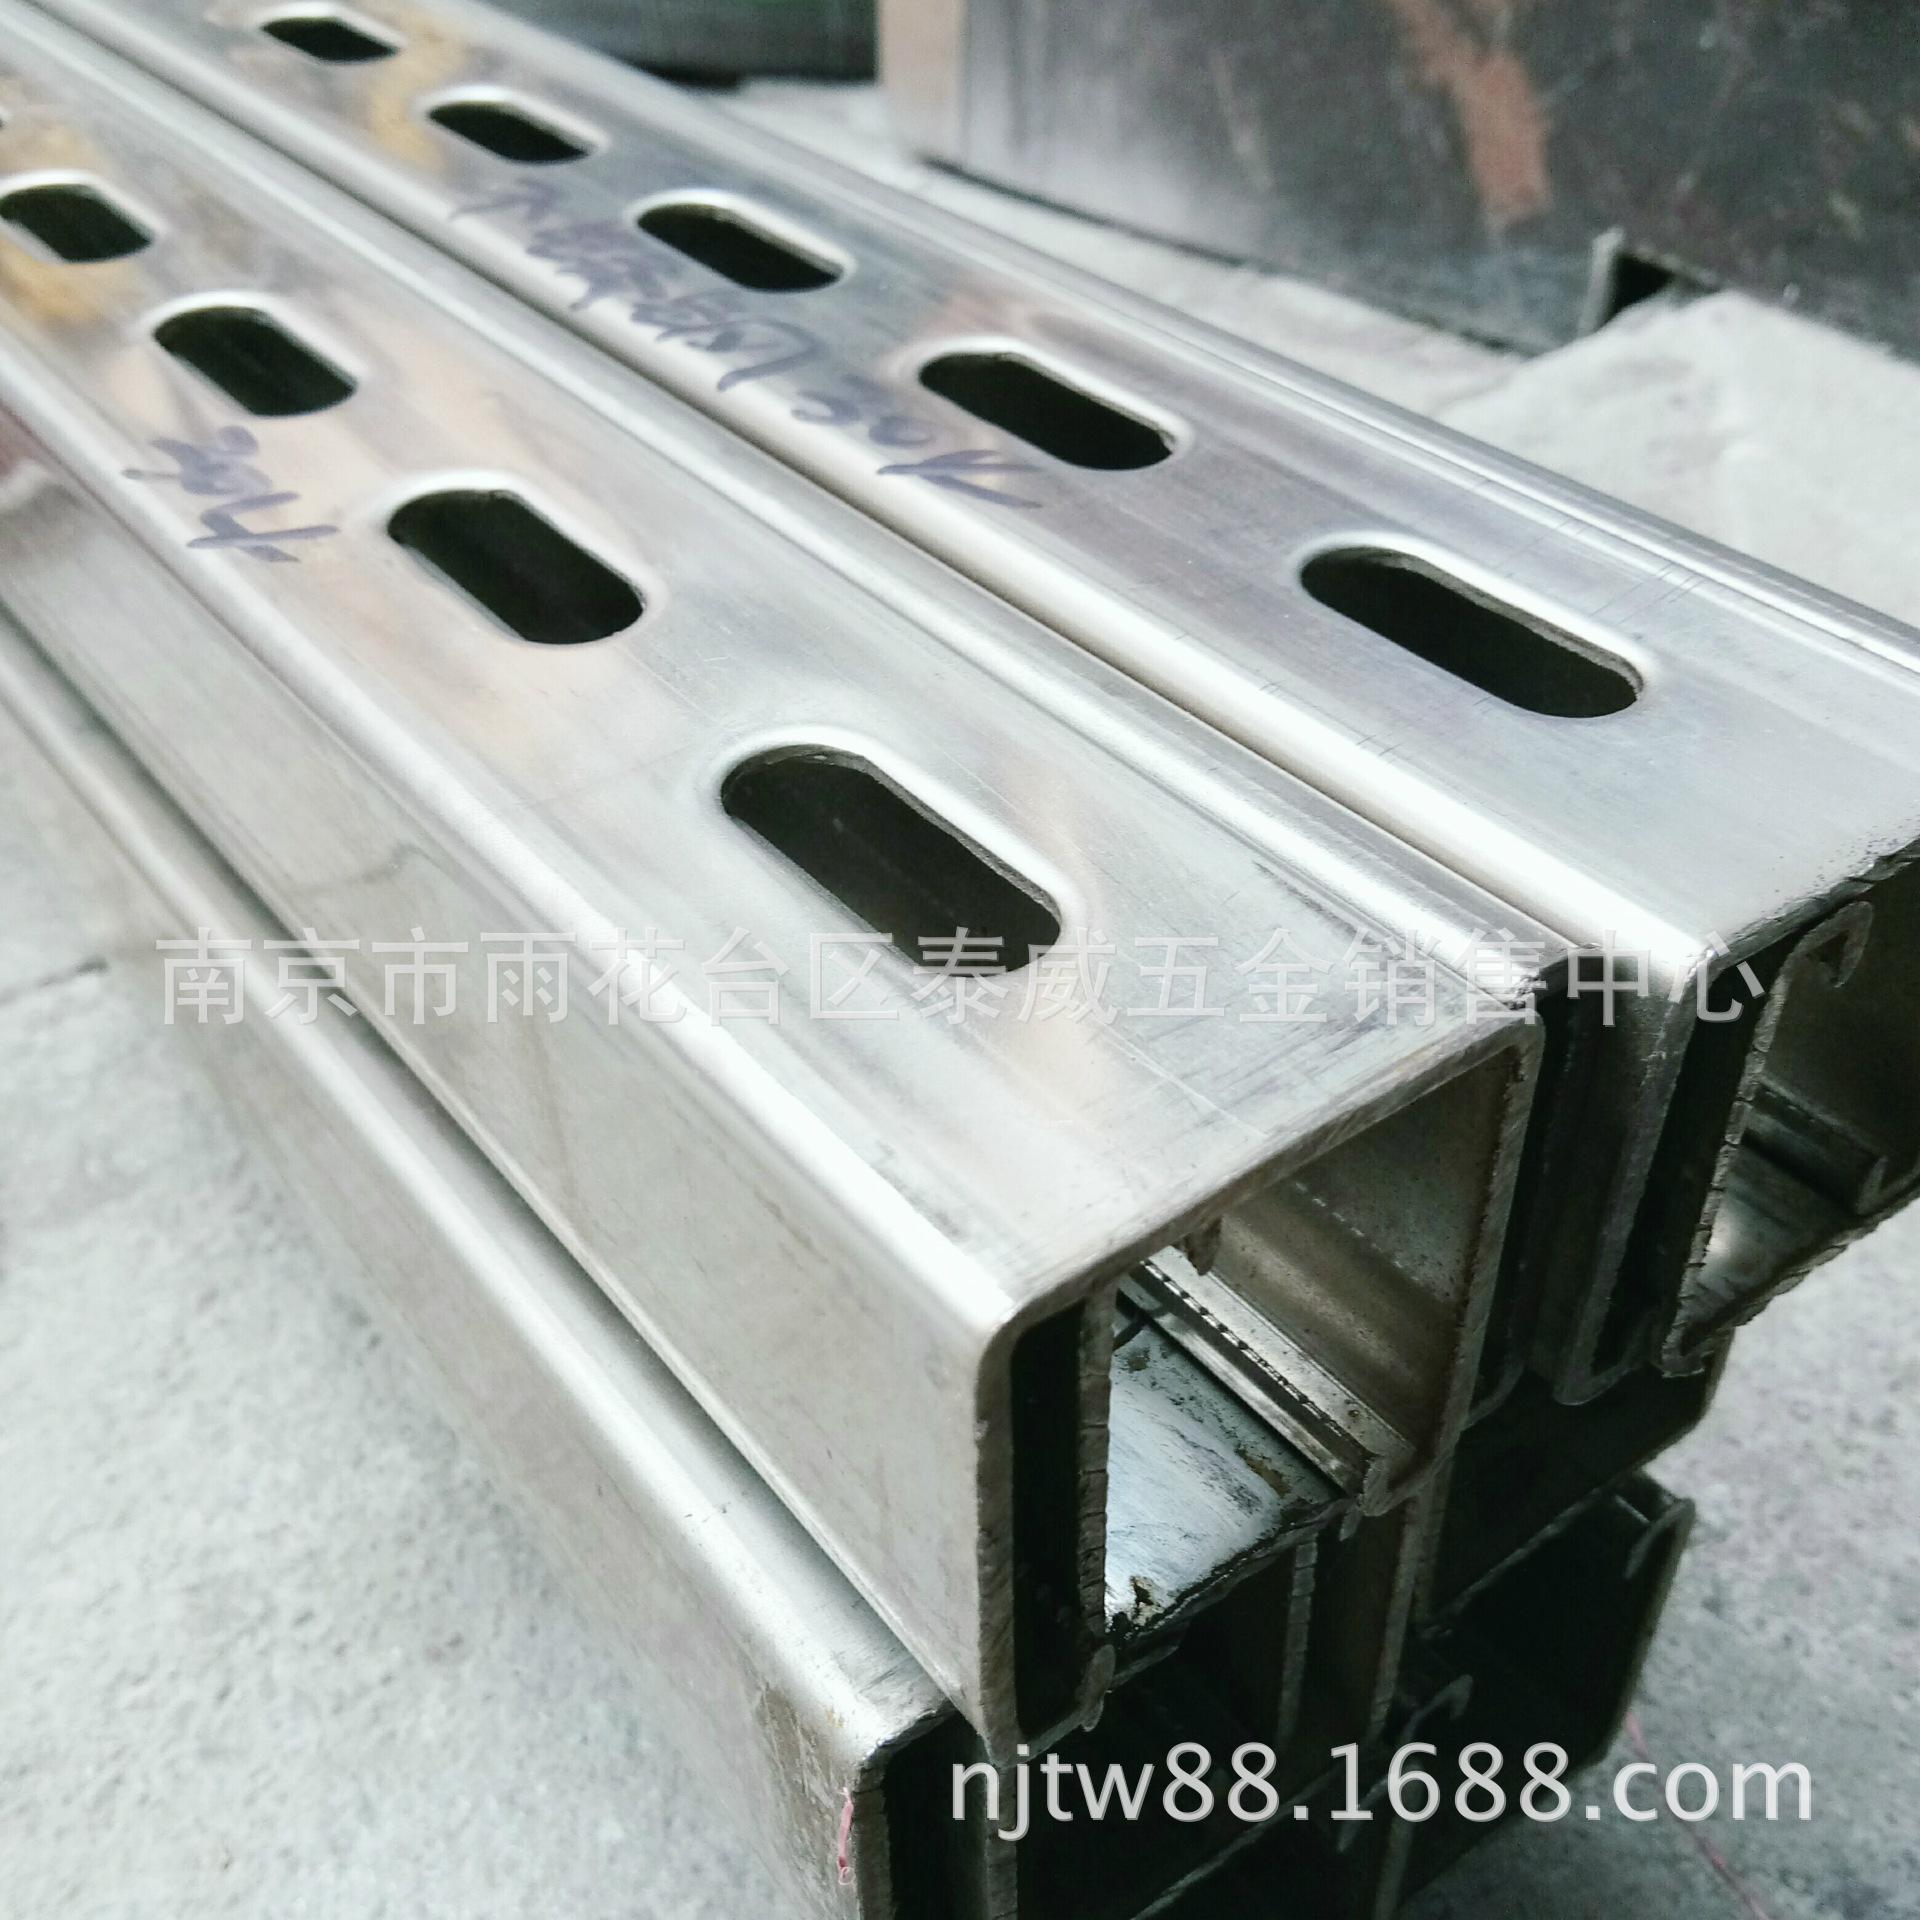 专业生产304不锈钢镀锌C型钢冲孔41*41*2.0C型钢配件 光伏支架